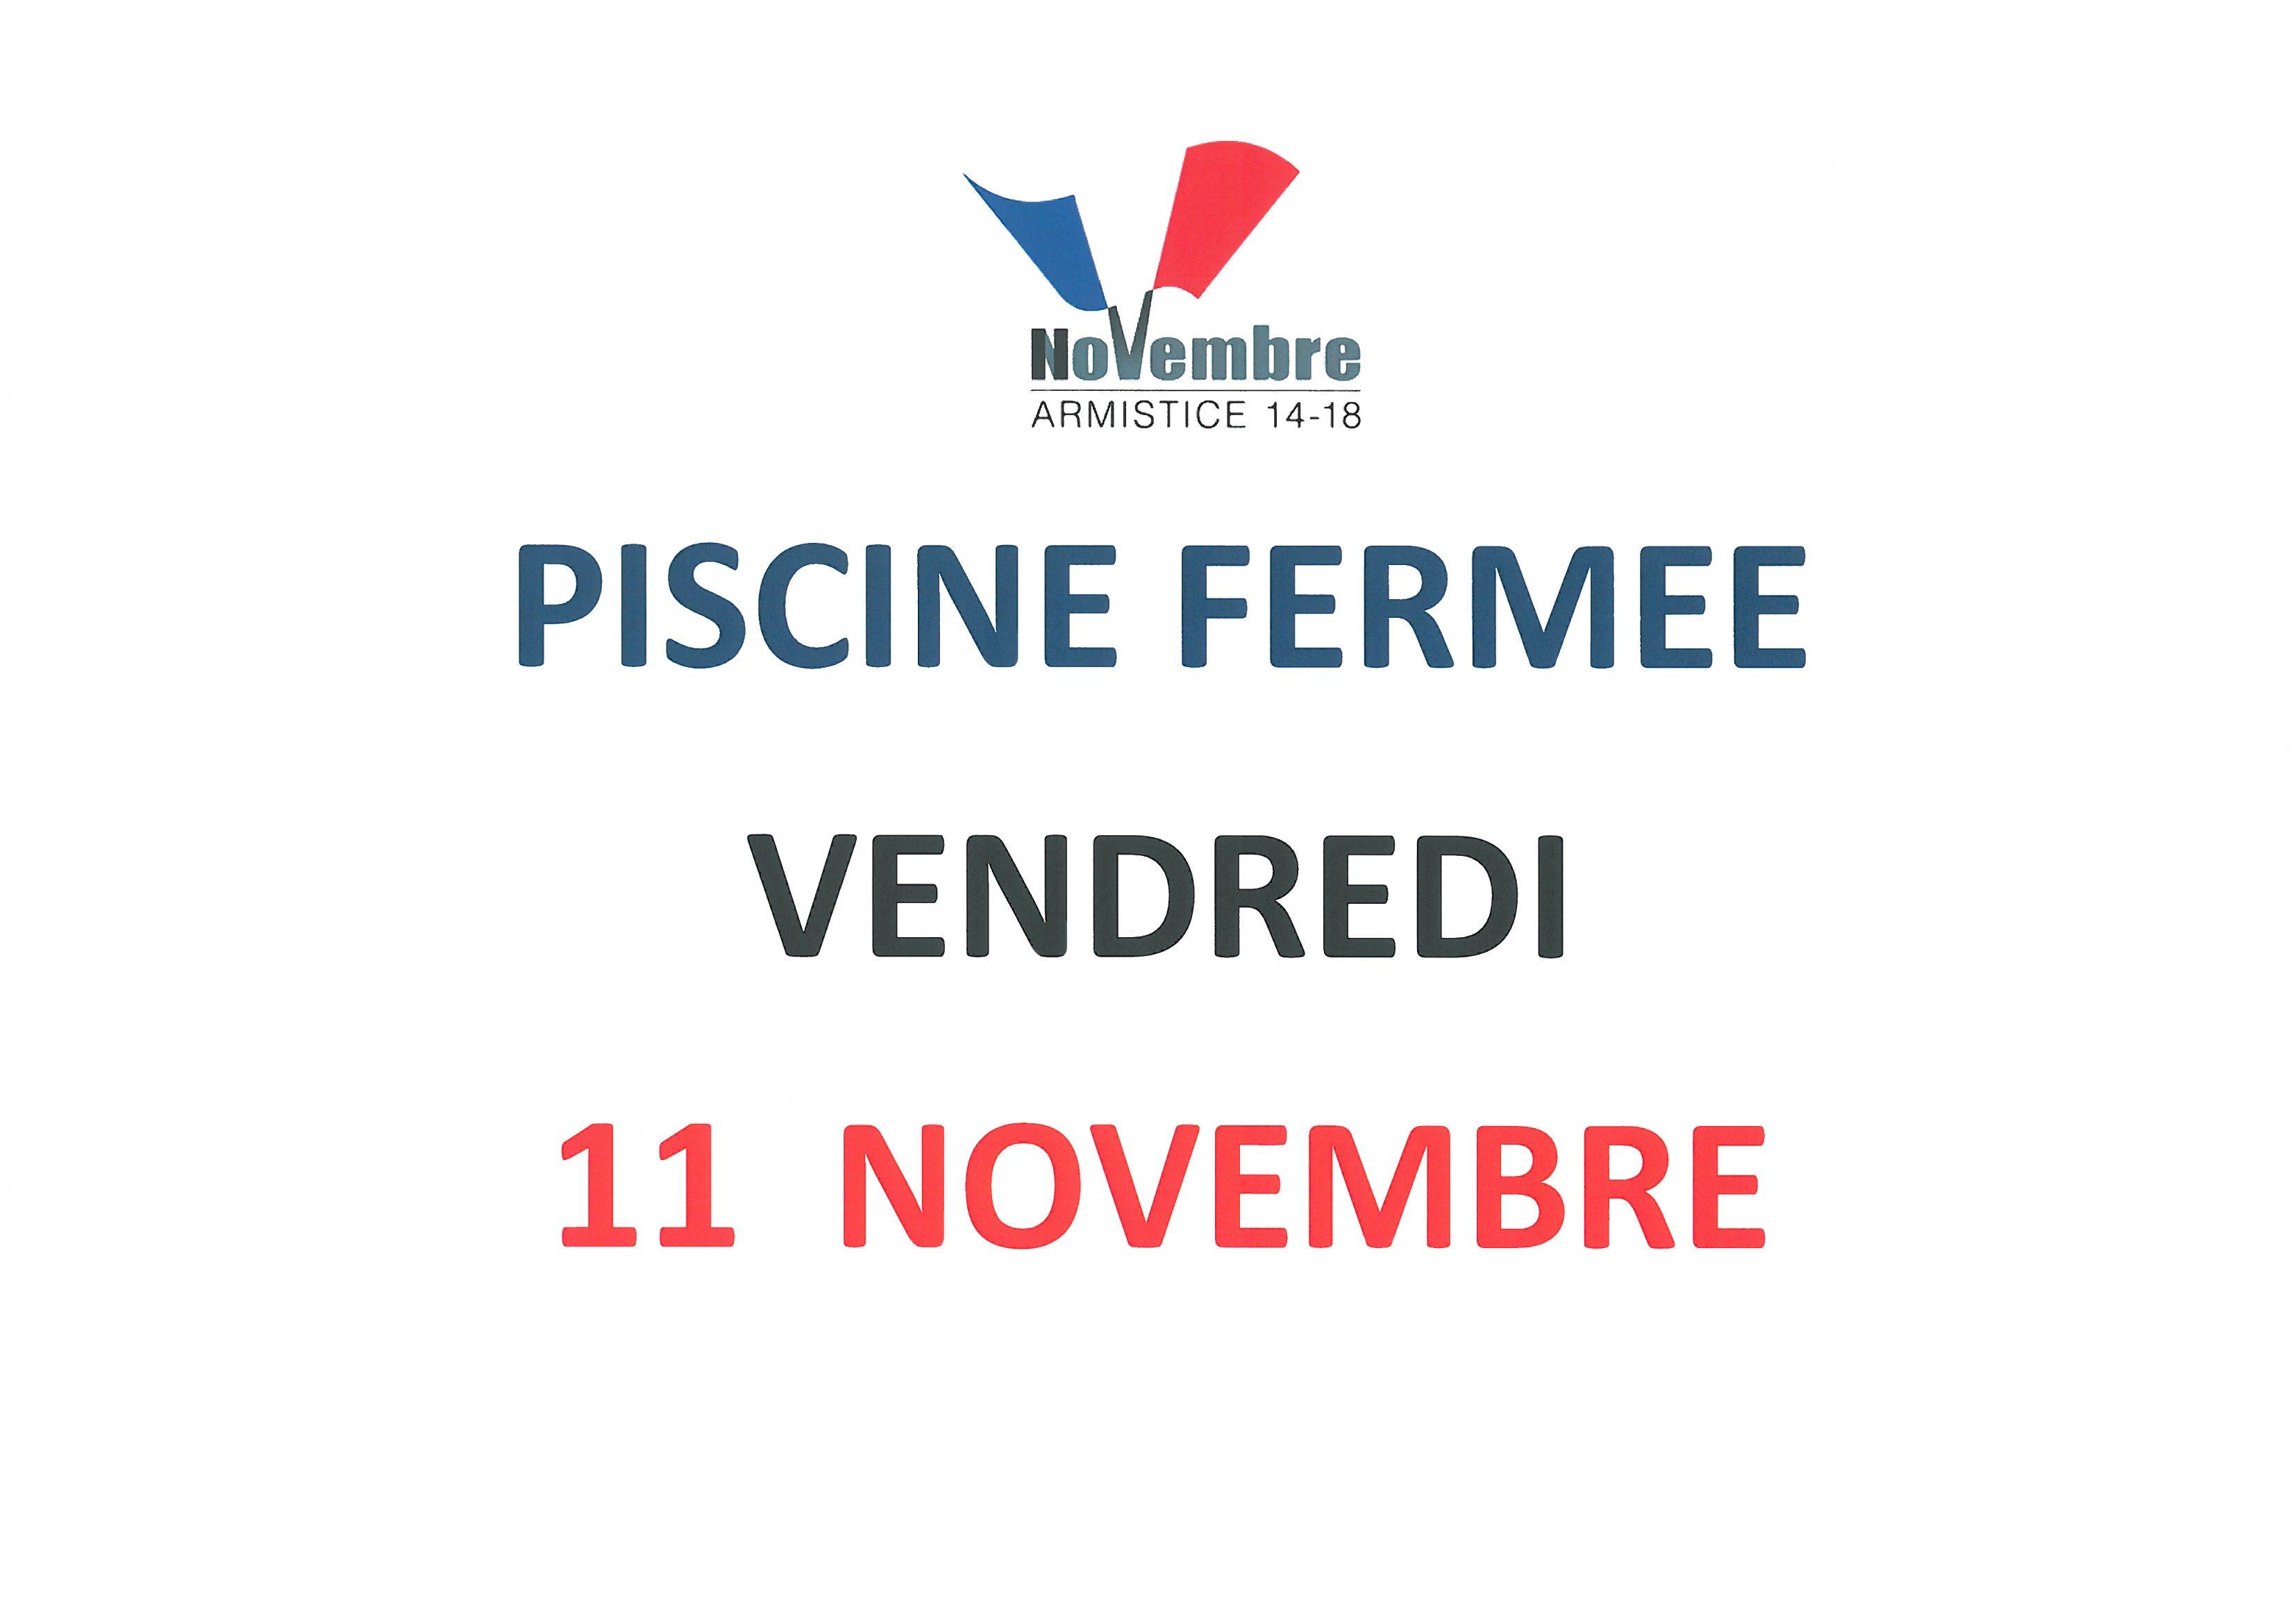 PISCINE FERMEE vendredi 11 novembre